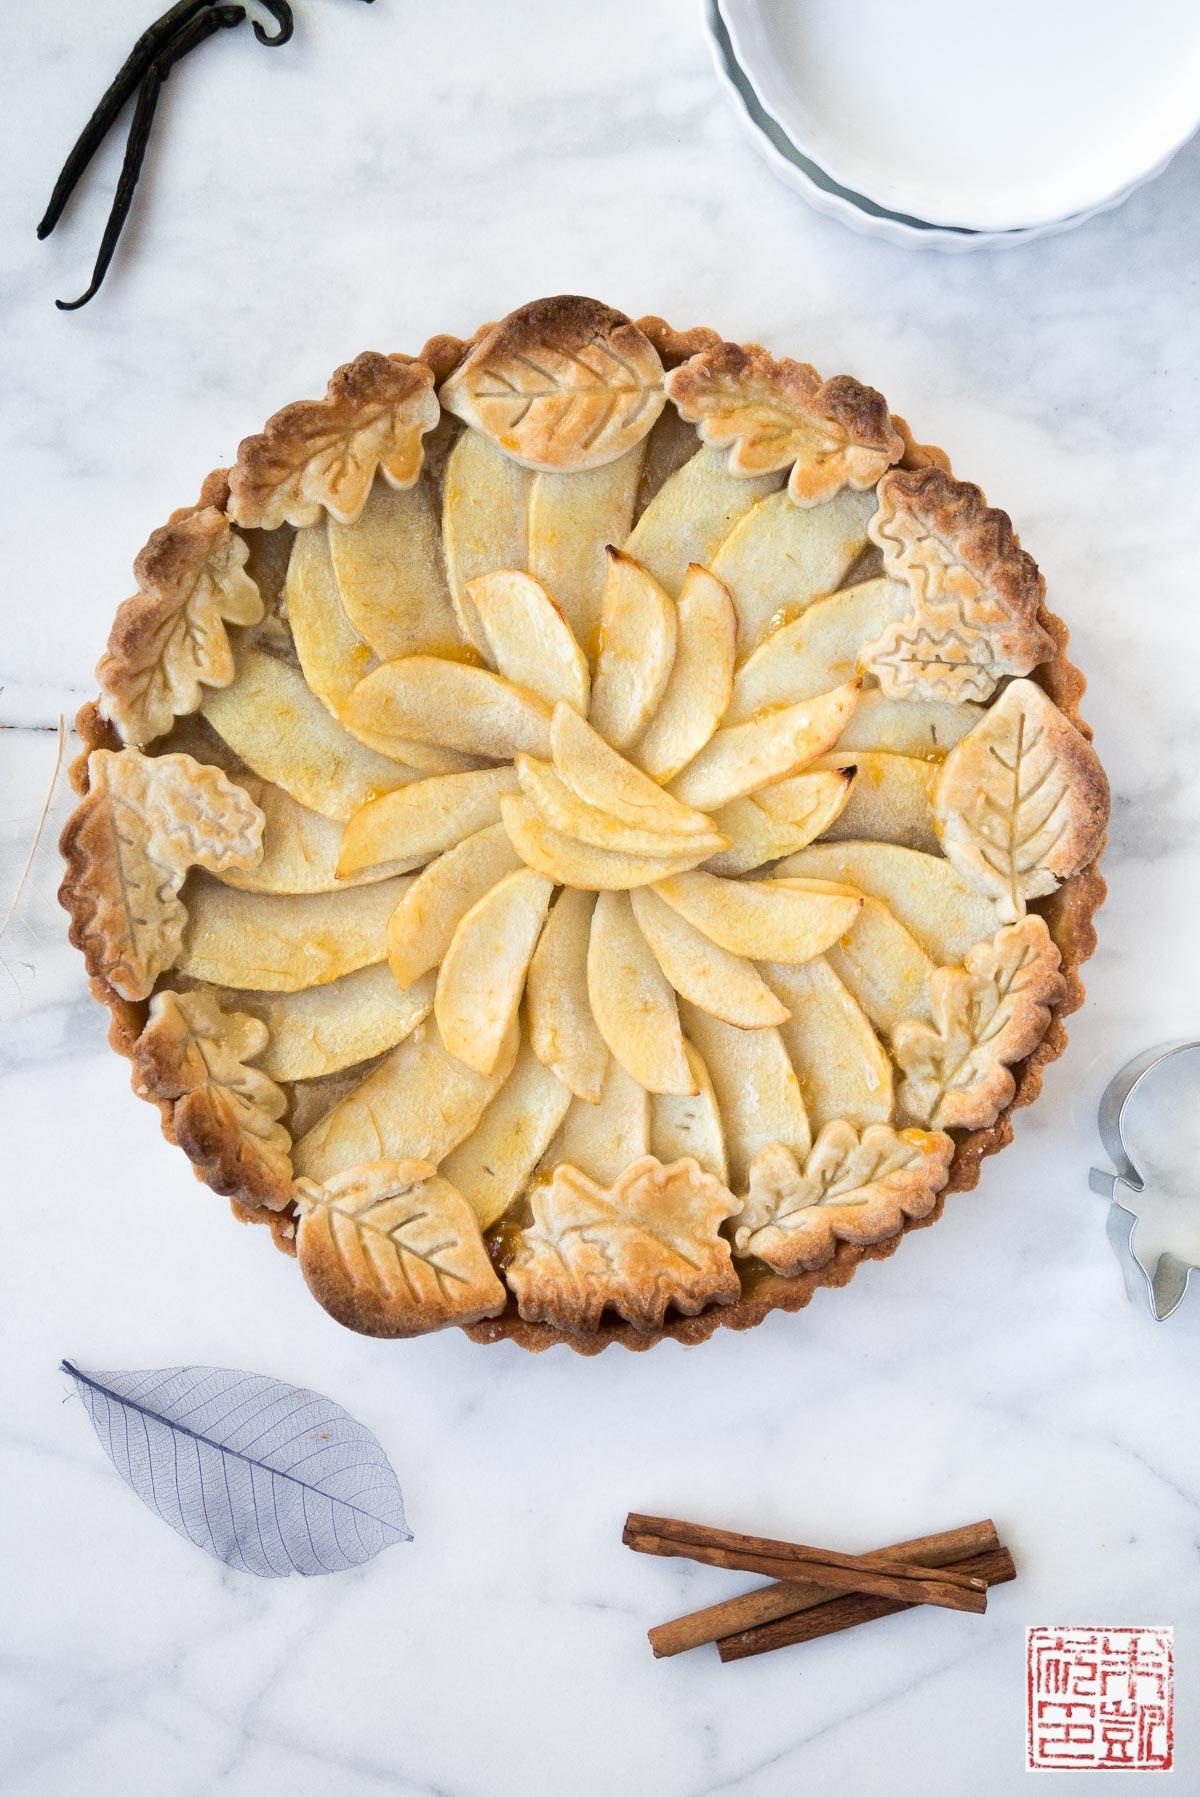 rose shaped apple baked dessert